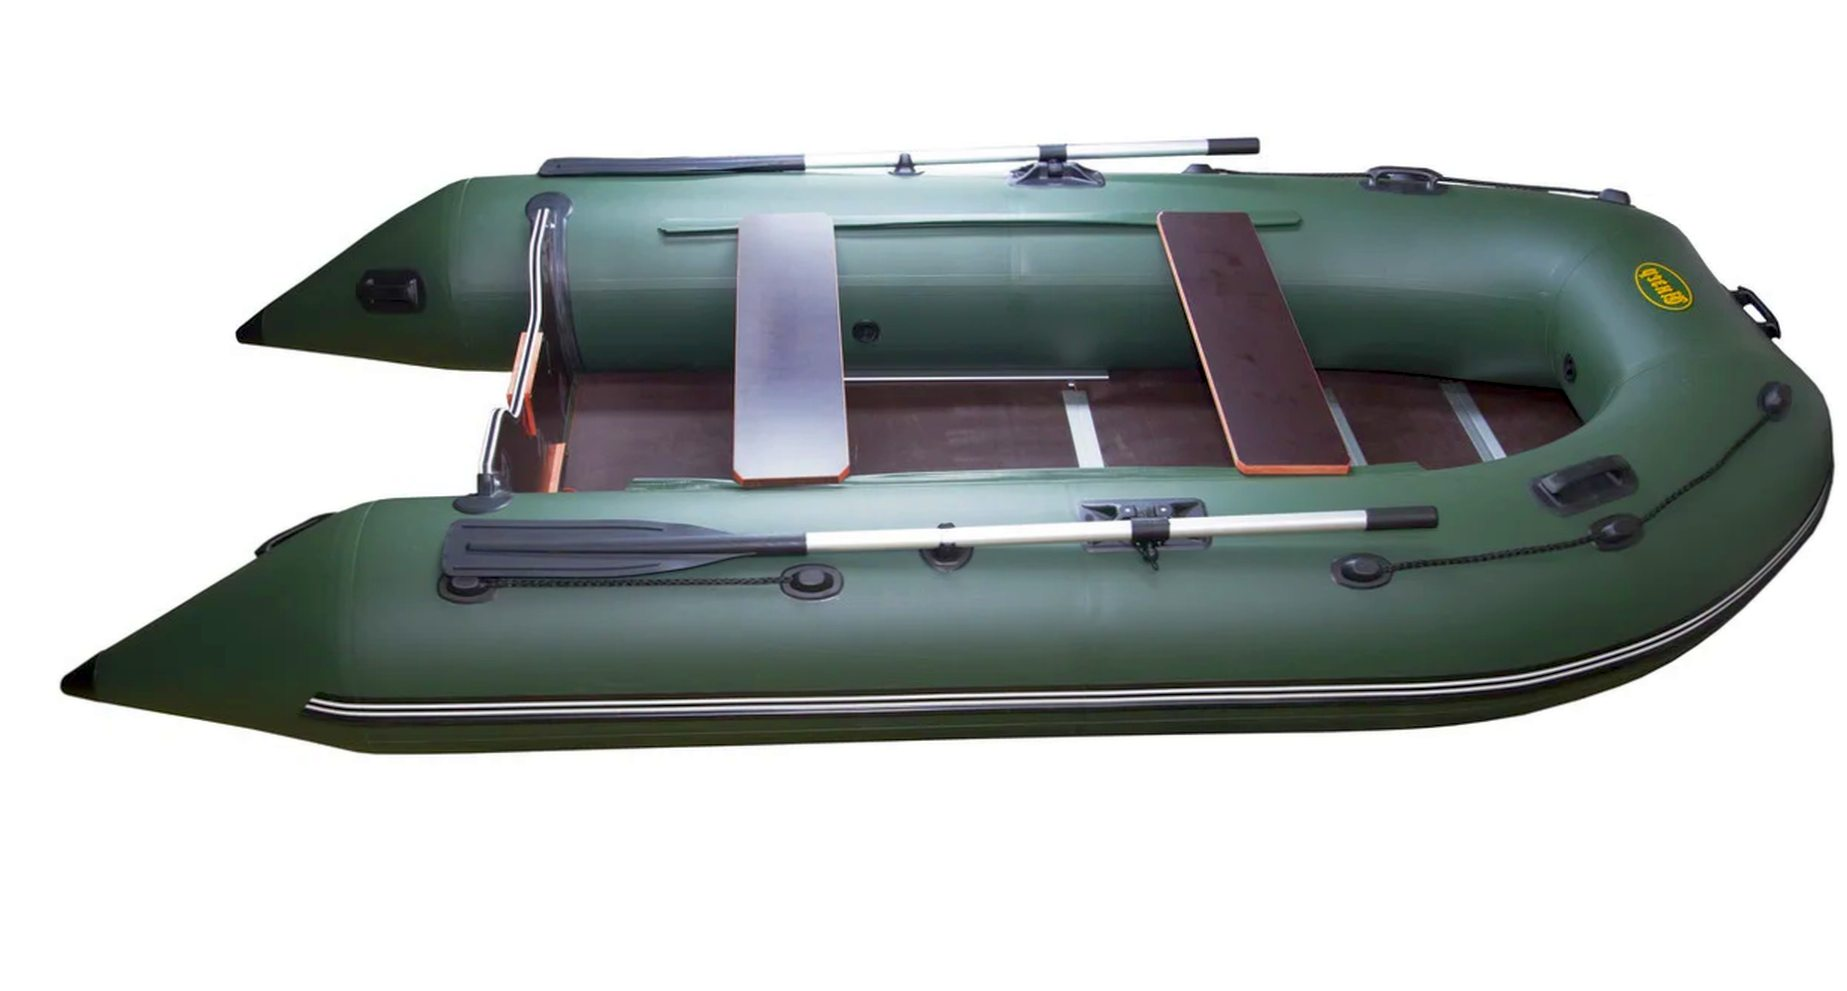 Где накладки на сиденье лодки пвх или весла можно заказать с гарантией качества?